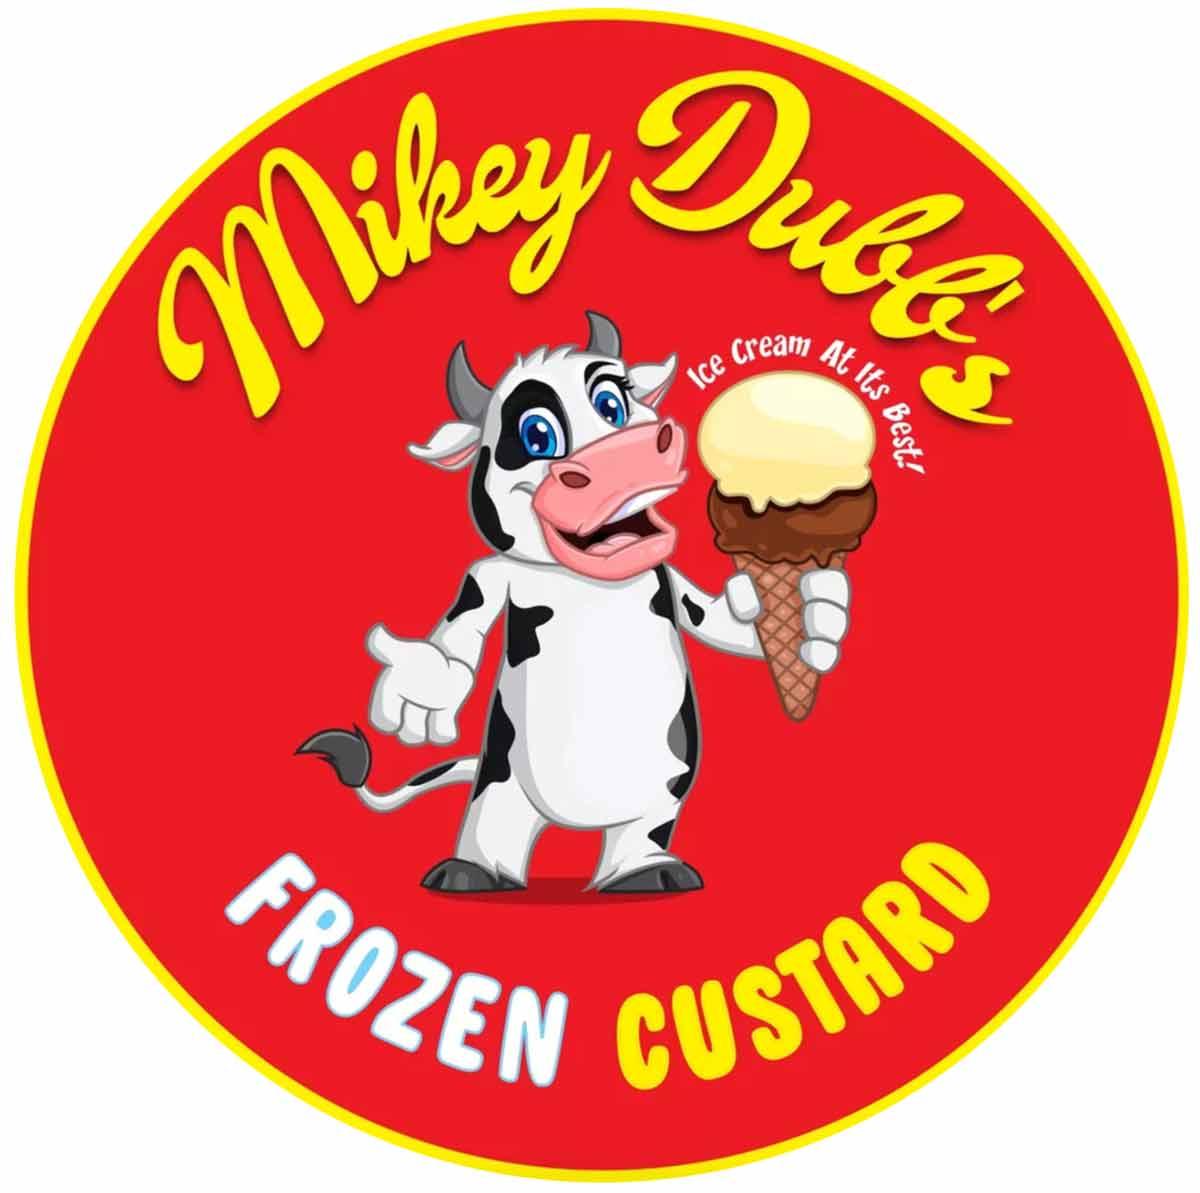 Mikey Dubb's Frozen Custard